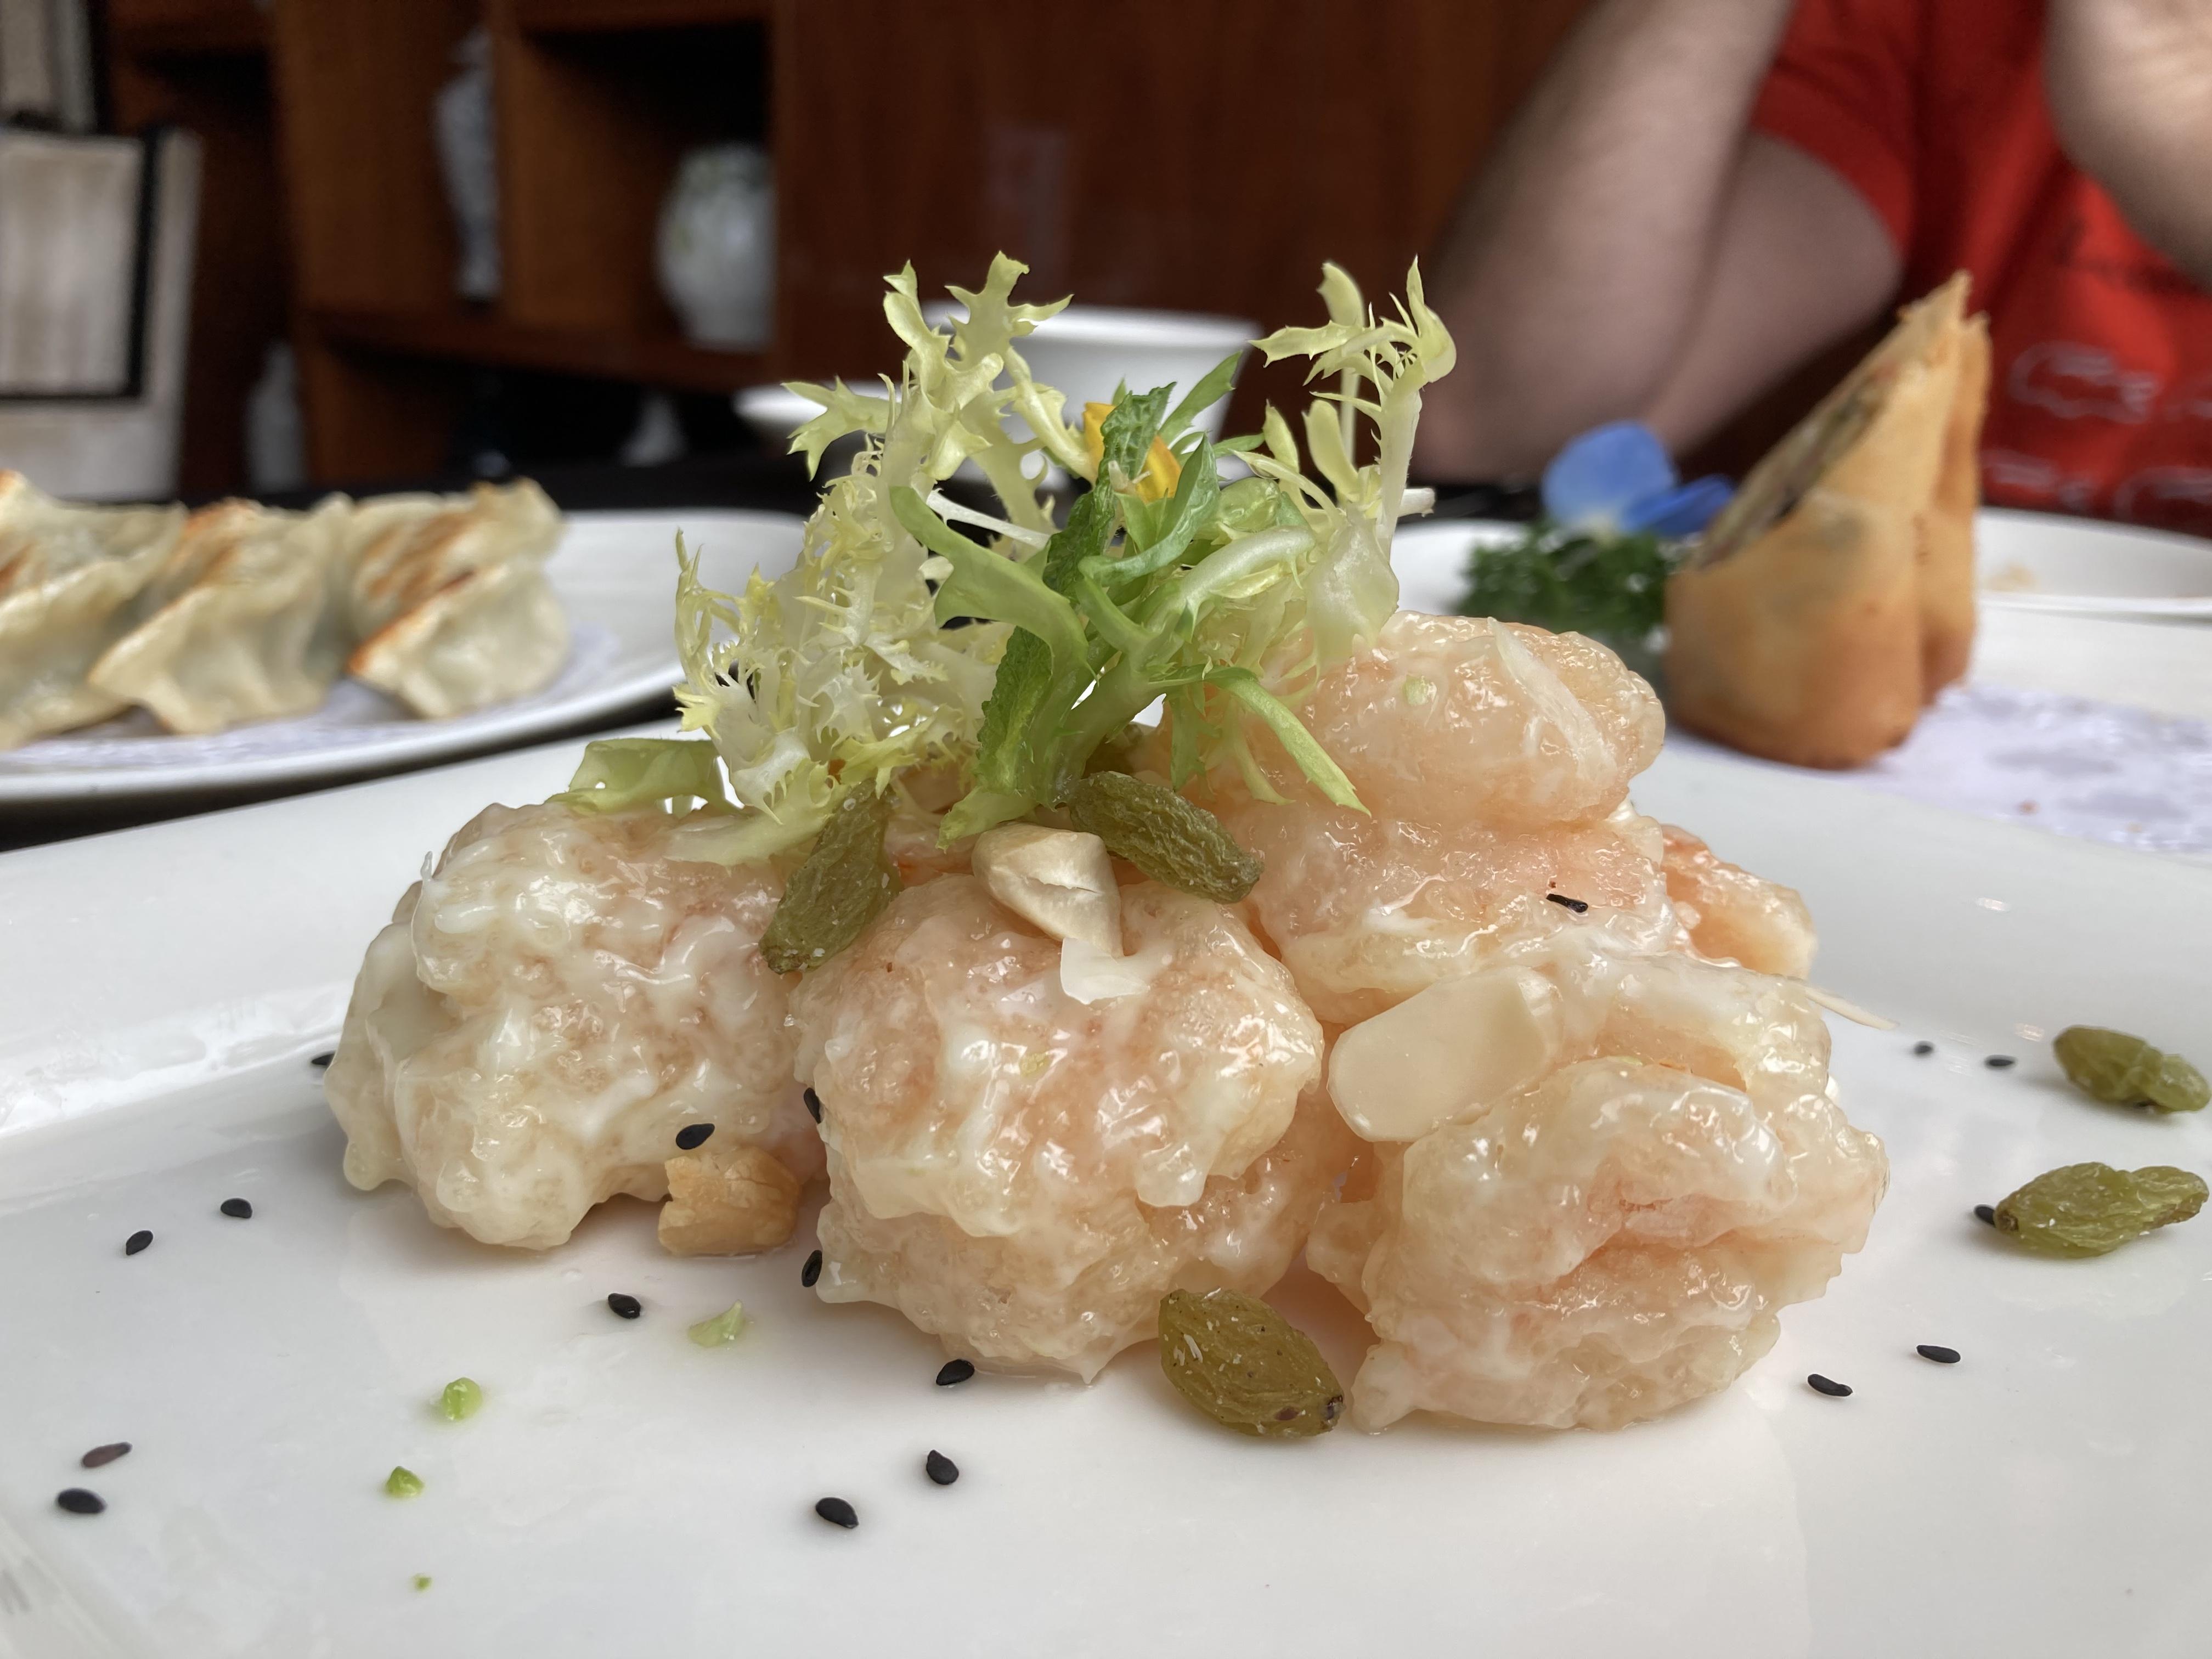 O tempero suave marca a identidade do prato cantones. O camarão suculento, no tamanho ideal, conta com mostarda e outras especiarias que na boca surpreende